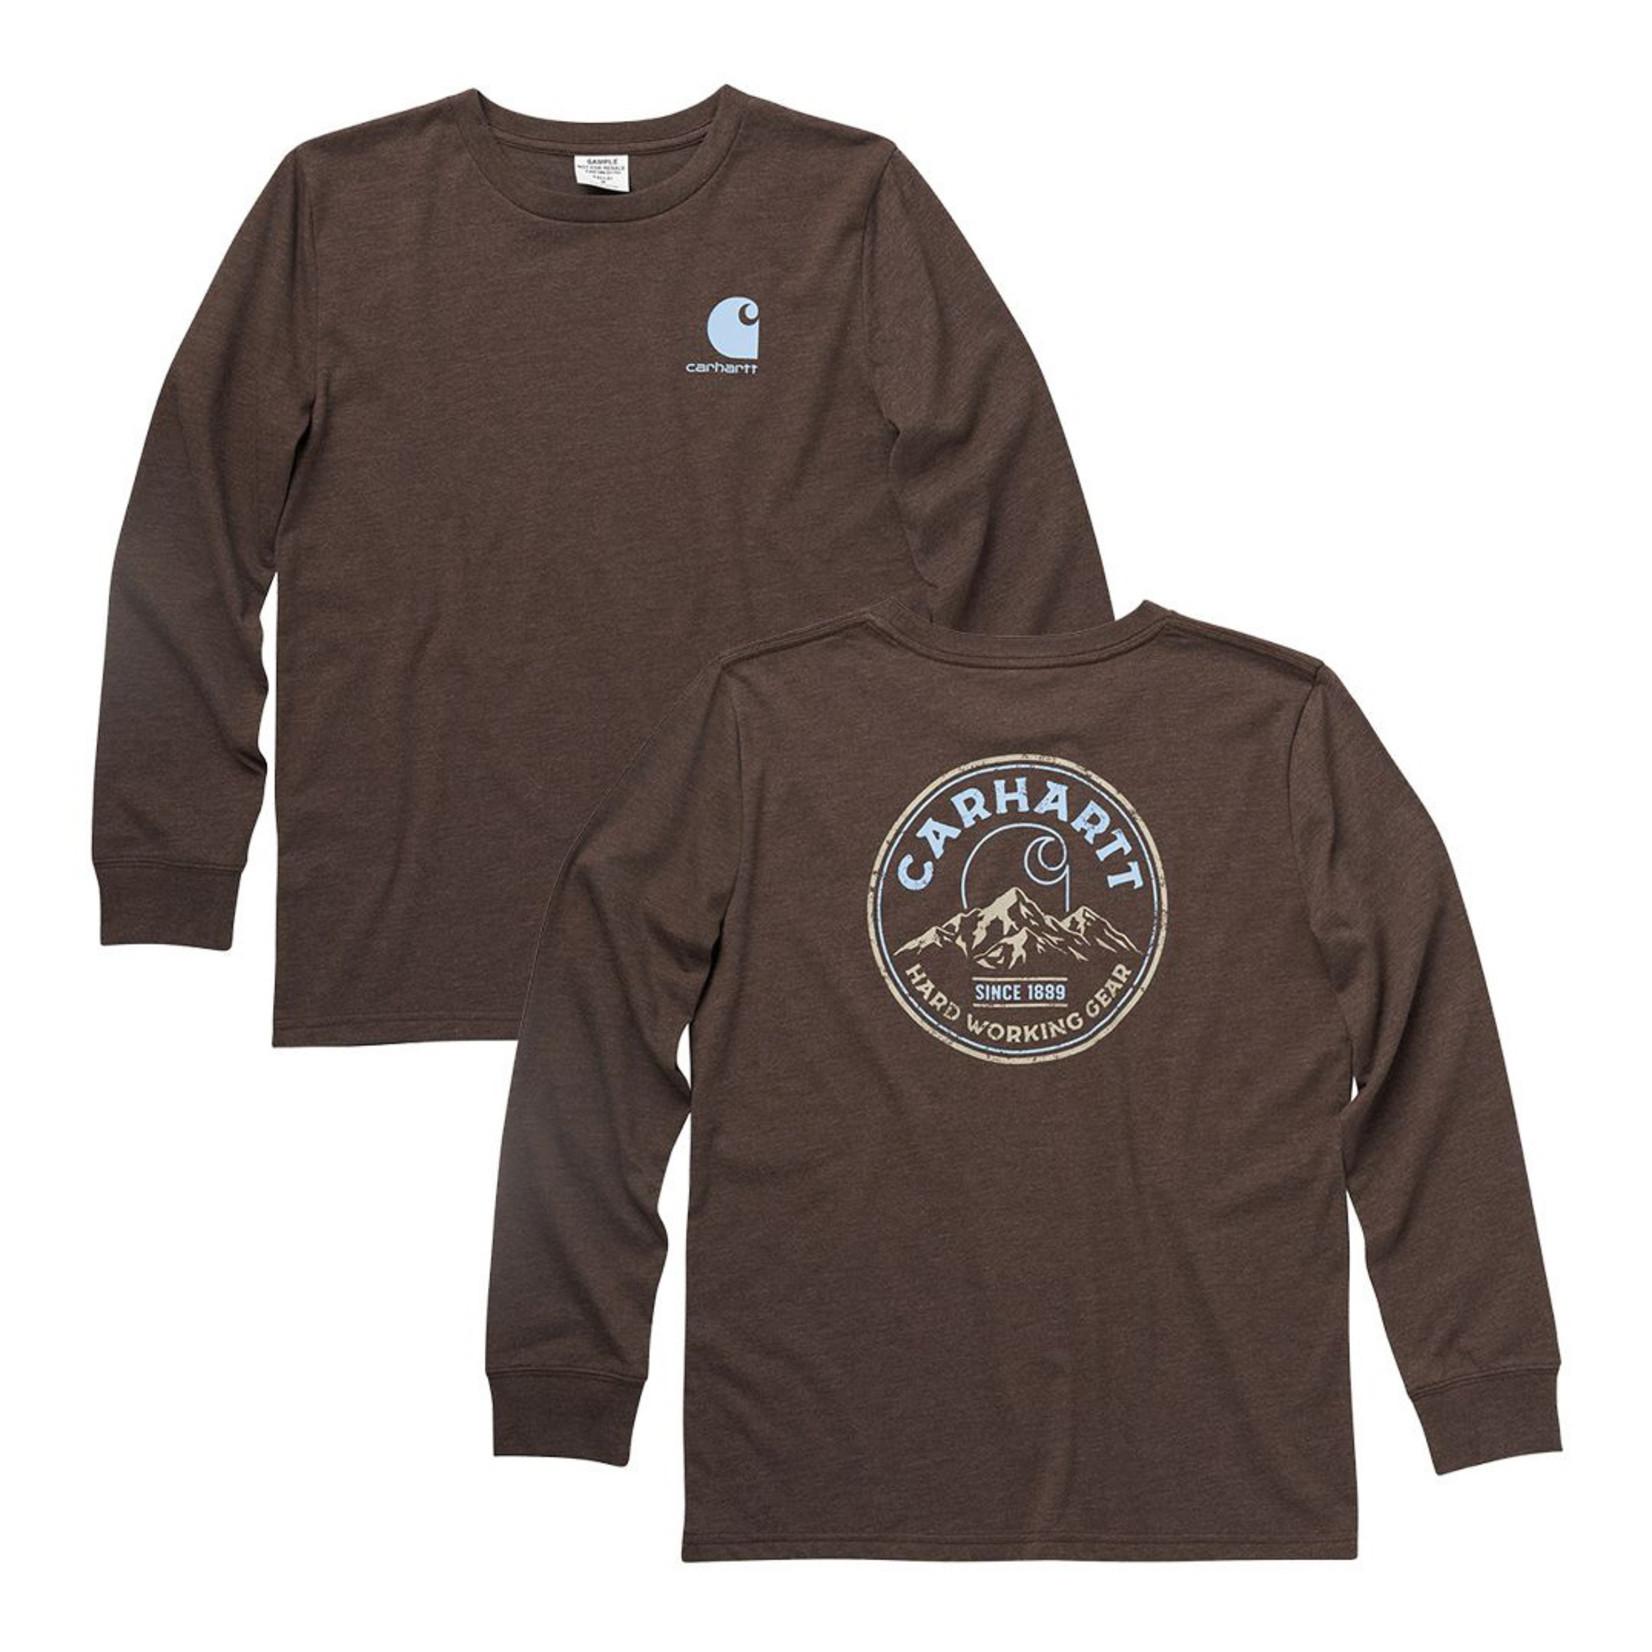 Carhartt Carhartt Kids CA6188 Long-Sleeve Graphic T-Shirt